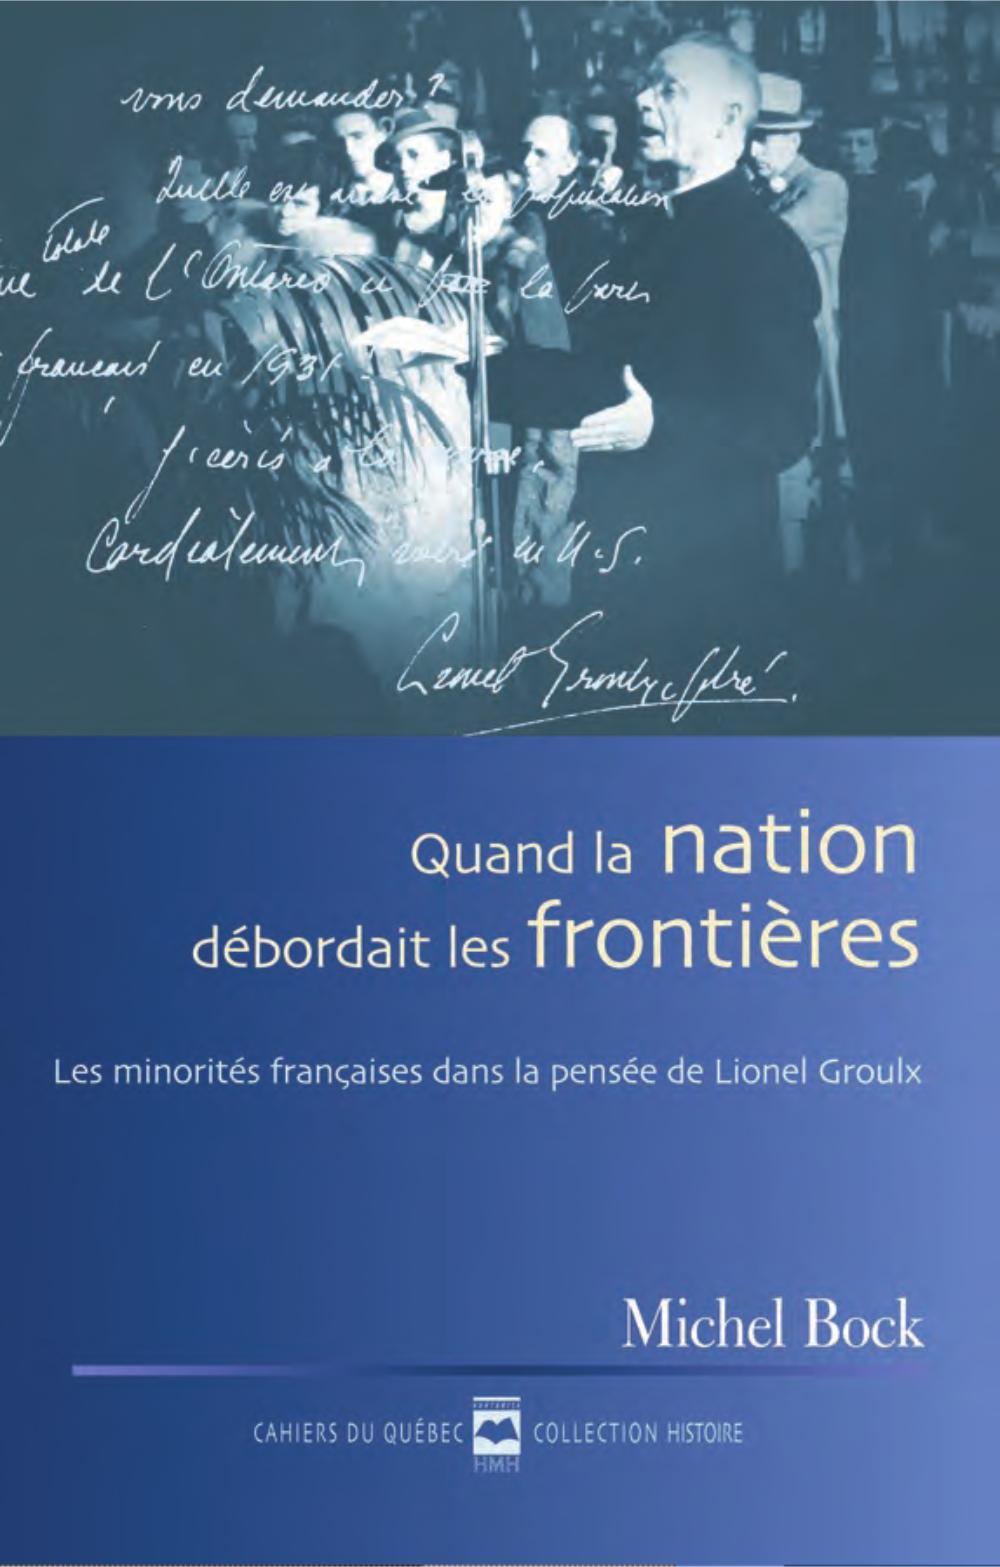 QUAND LA NATION DEBORDAIT LES FRONTIERES